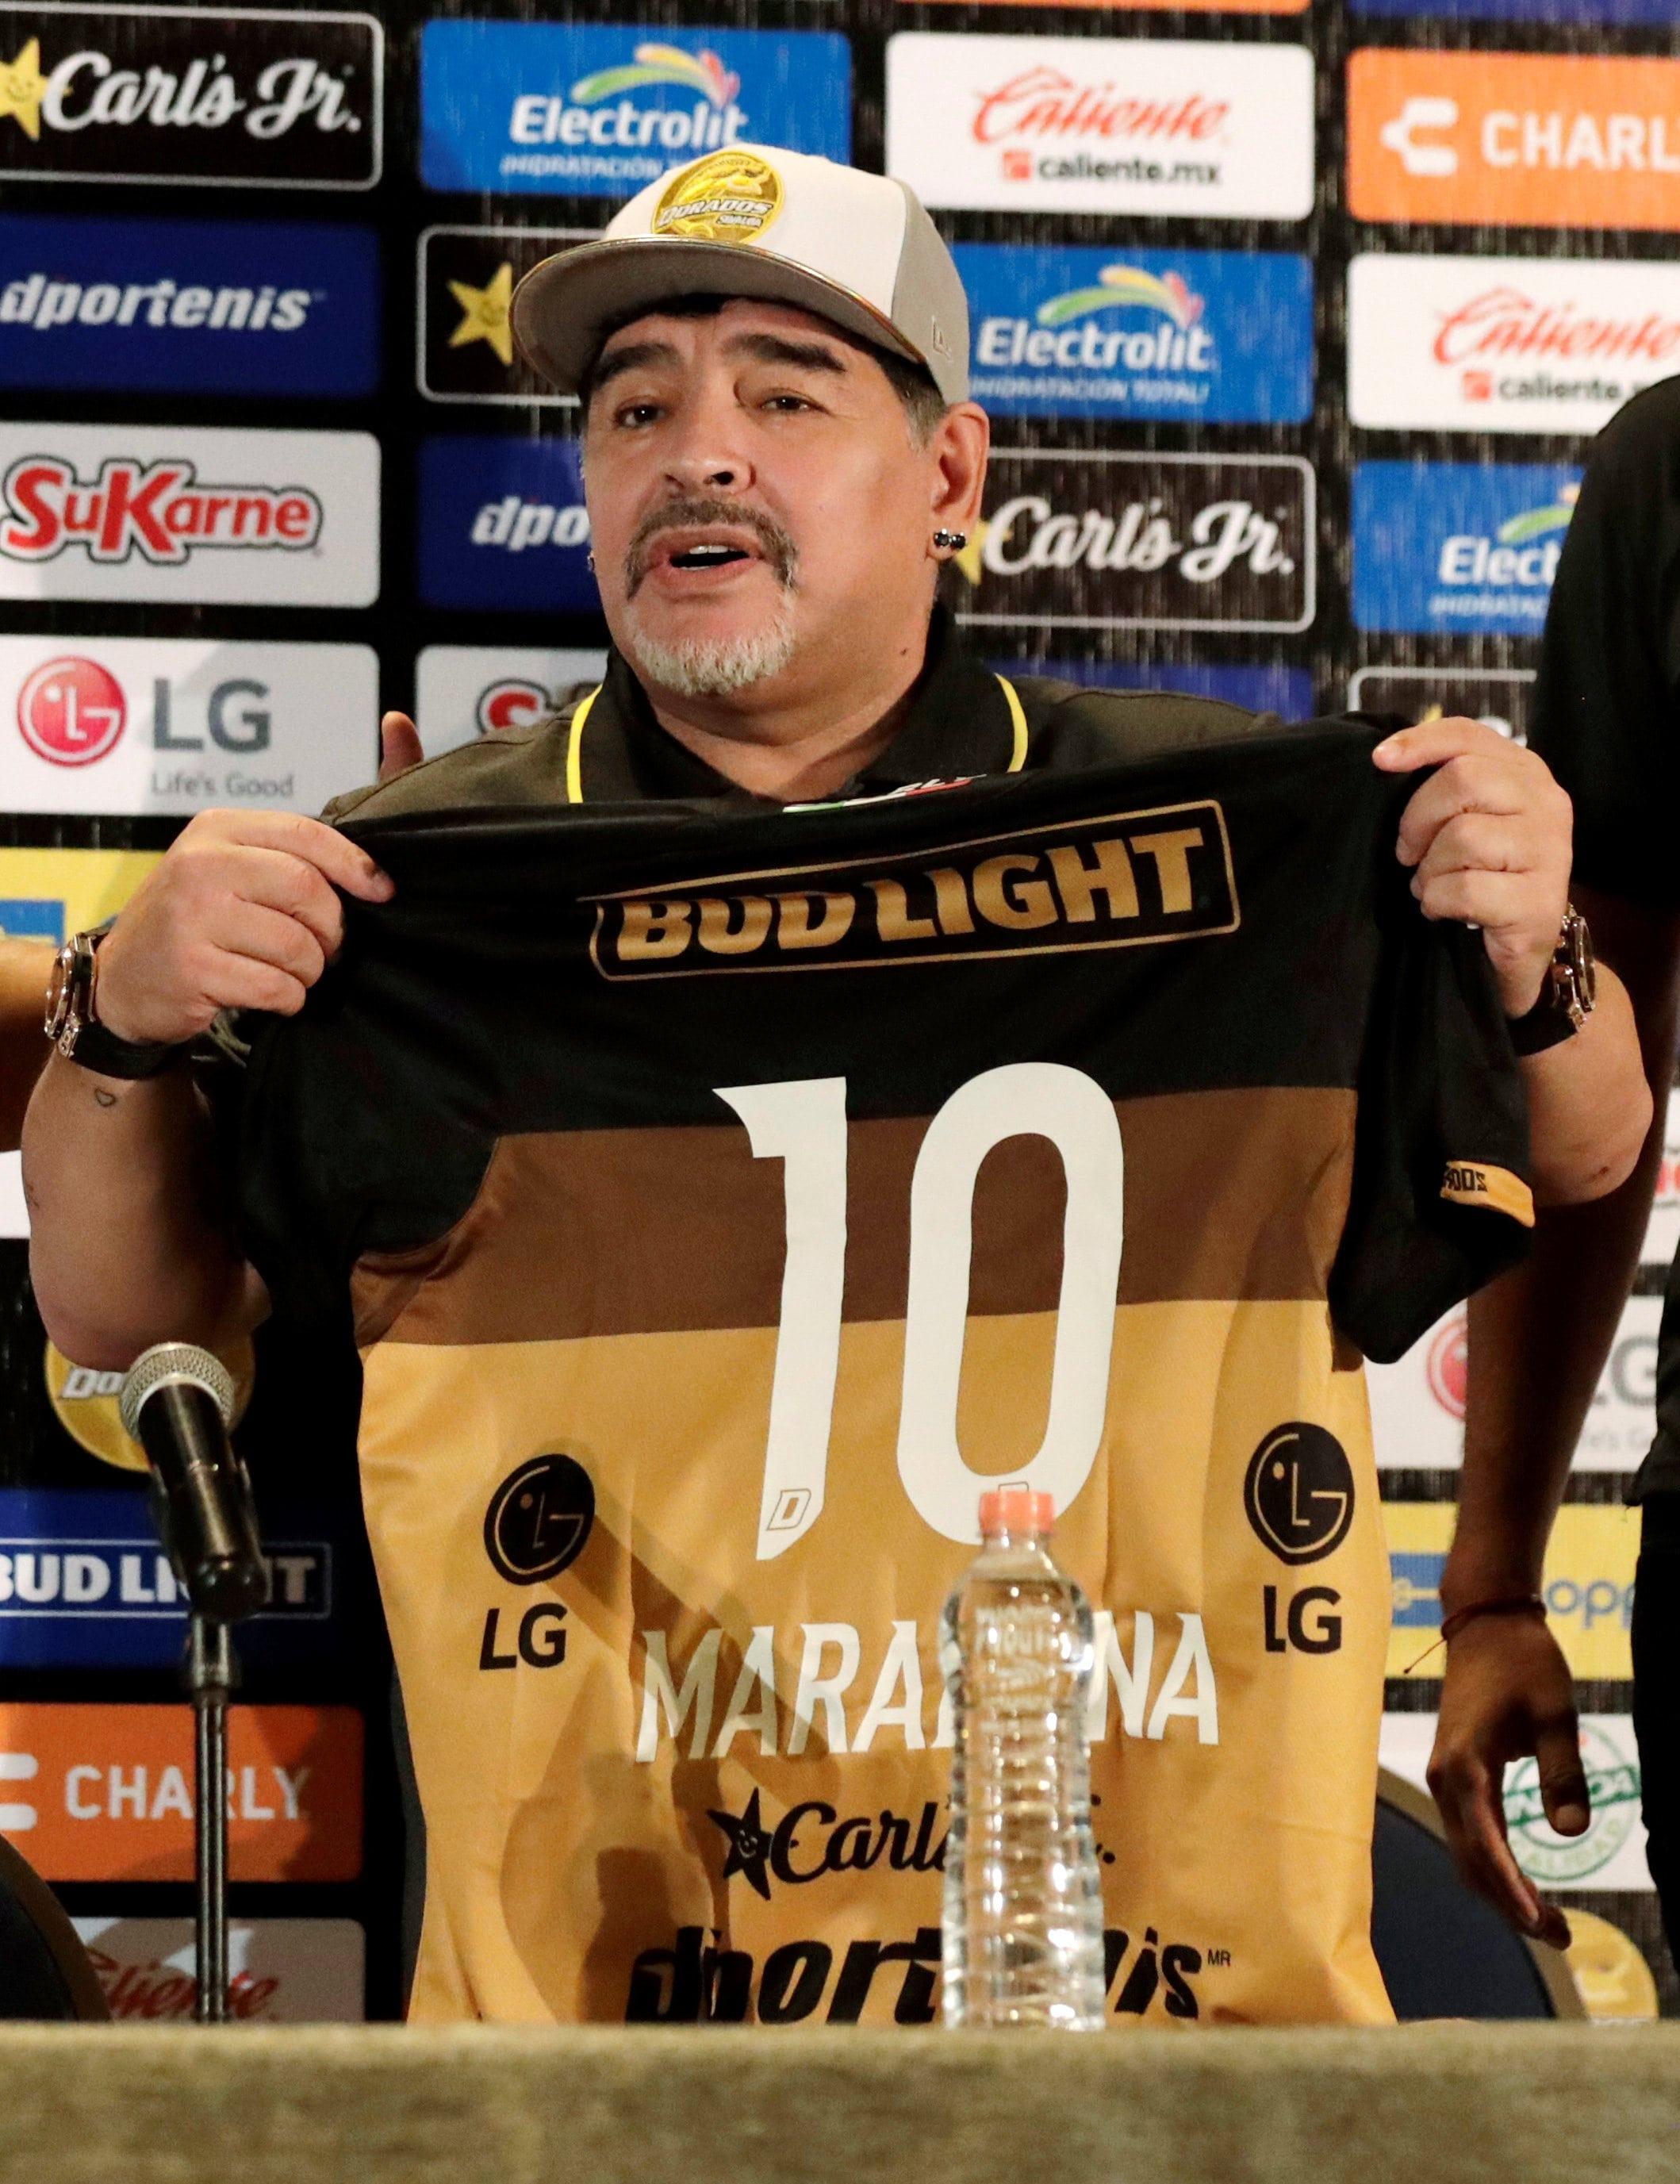 Dijego Maradona drži dres kluba Dorados sa brojem 10 tokom pres konferencija u Kuliakanu, Sinalio, Meksiku 10 septembra 2018. godine.